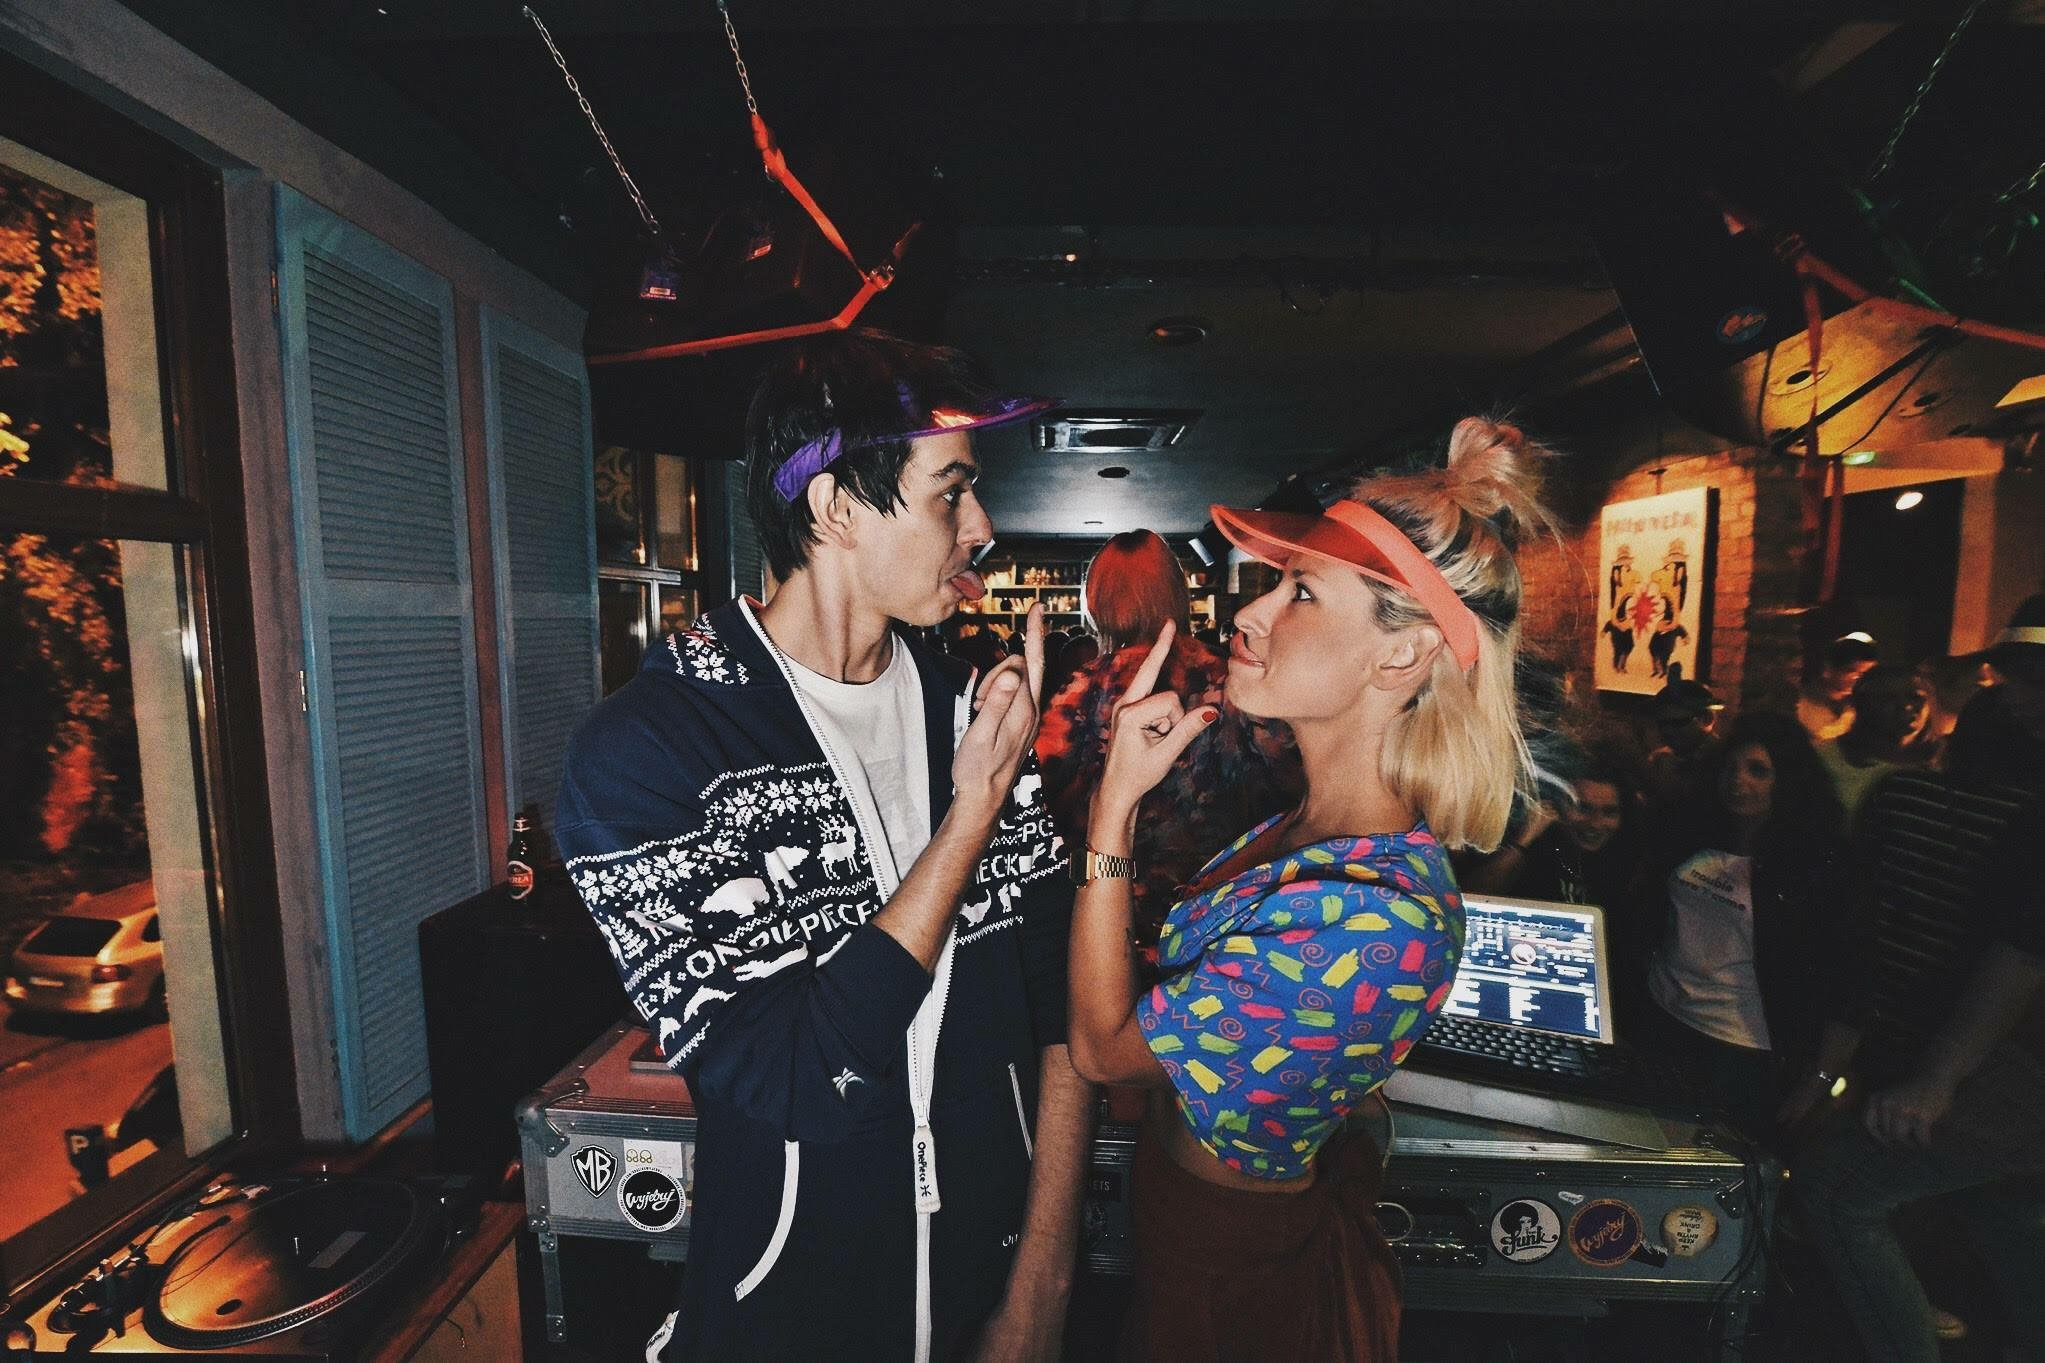 Na zdjęciu widzimy chłopaka i dziewczynę, którzy są w klubie i stoją za kontrolerem didżeja. Stoją do siebie przodem i nawzajem robią do siebie głupie miny.